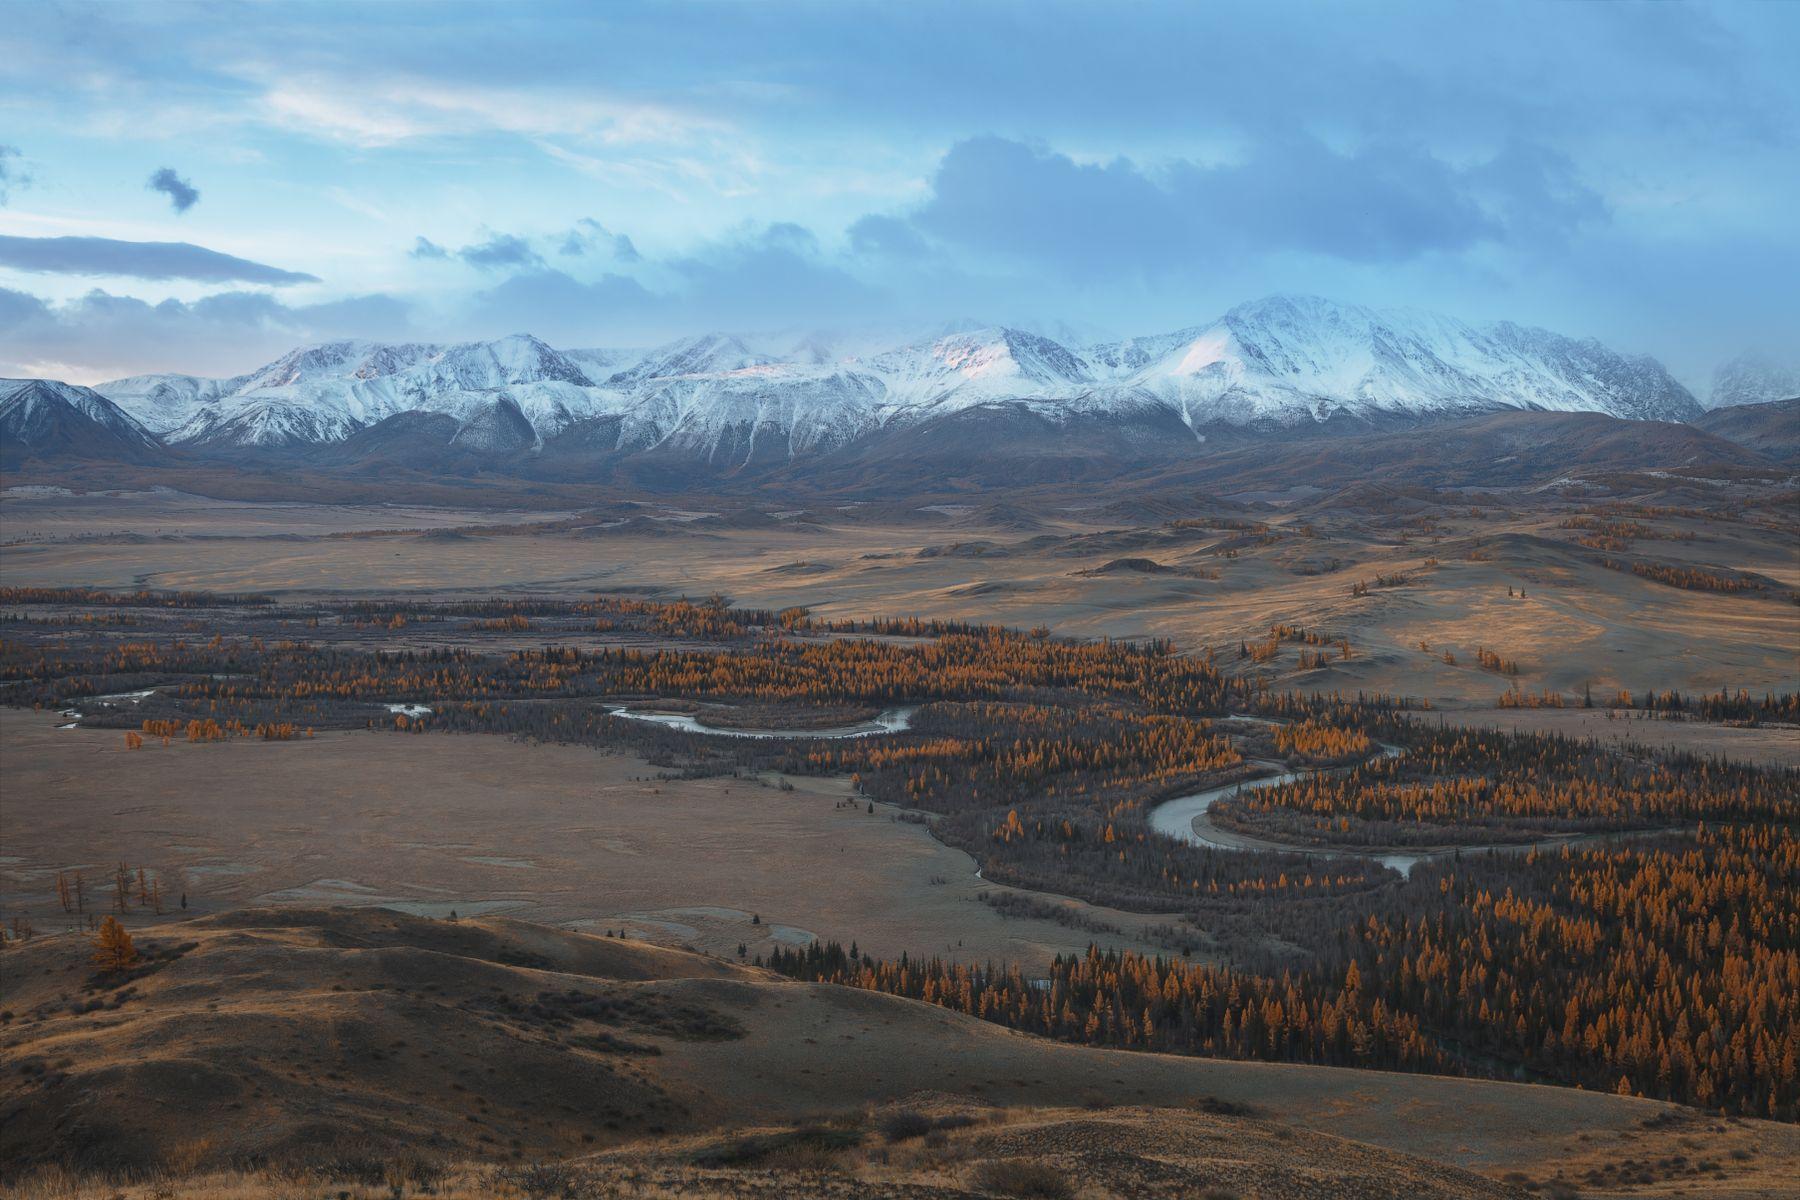 Северо-Чуйский хребет на рассвете. Алтай. Осень 2020 Северо-Чуйский хребет Алтай республика горный Чуя рассвет